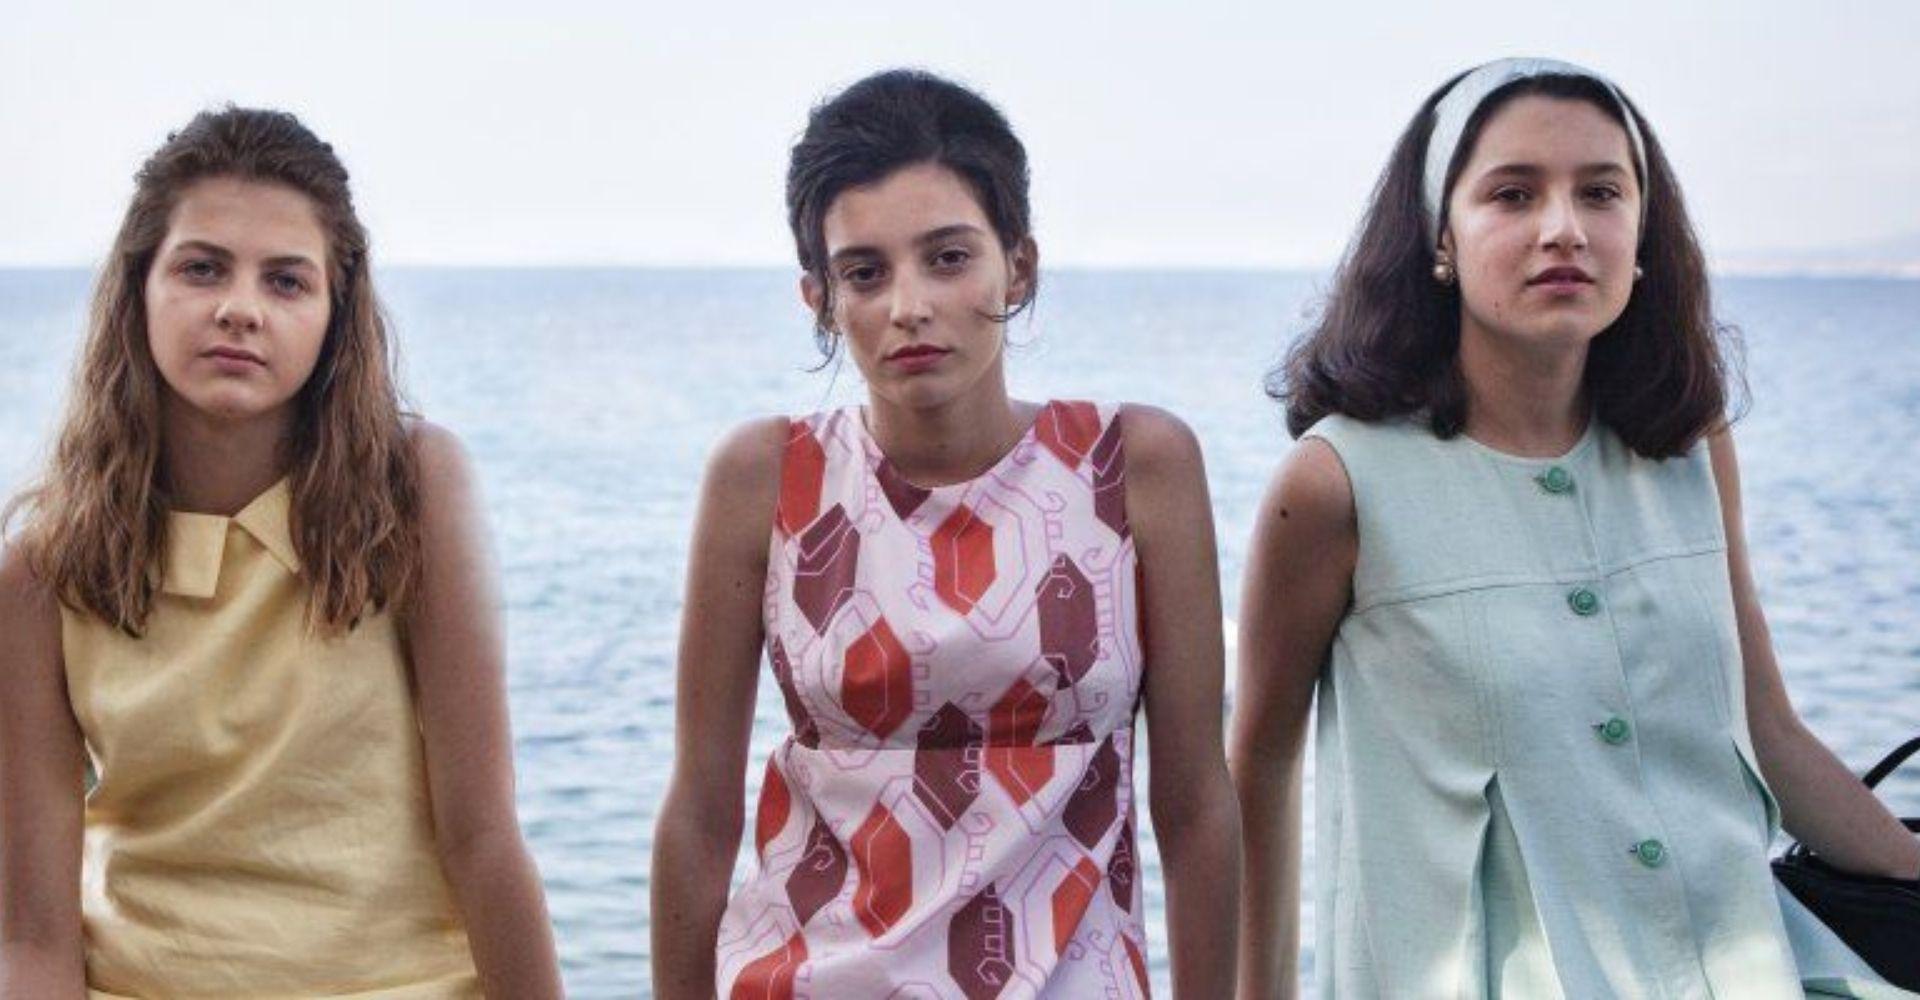 Viaggio a Ischia, dove i destini delle ragazze geniali cominciano a separarsi